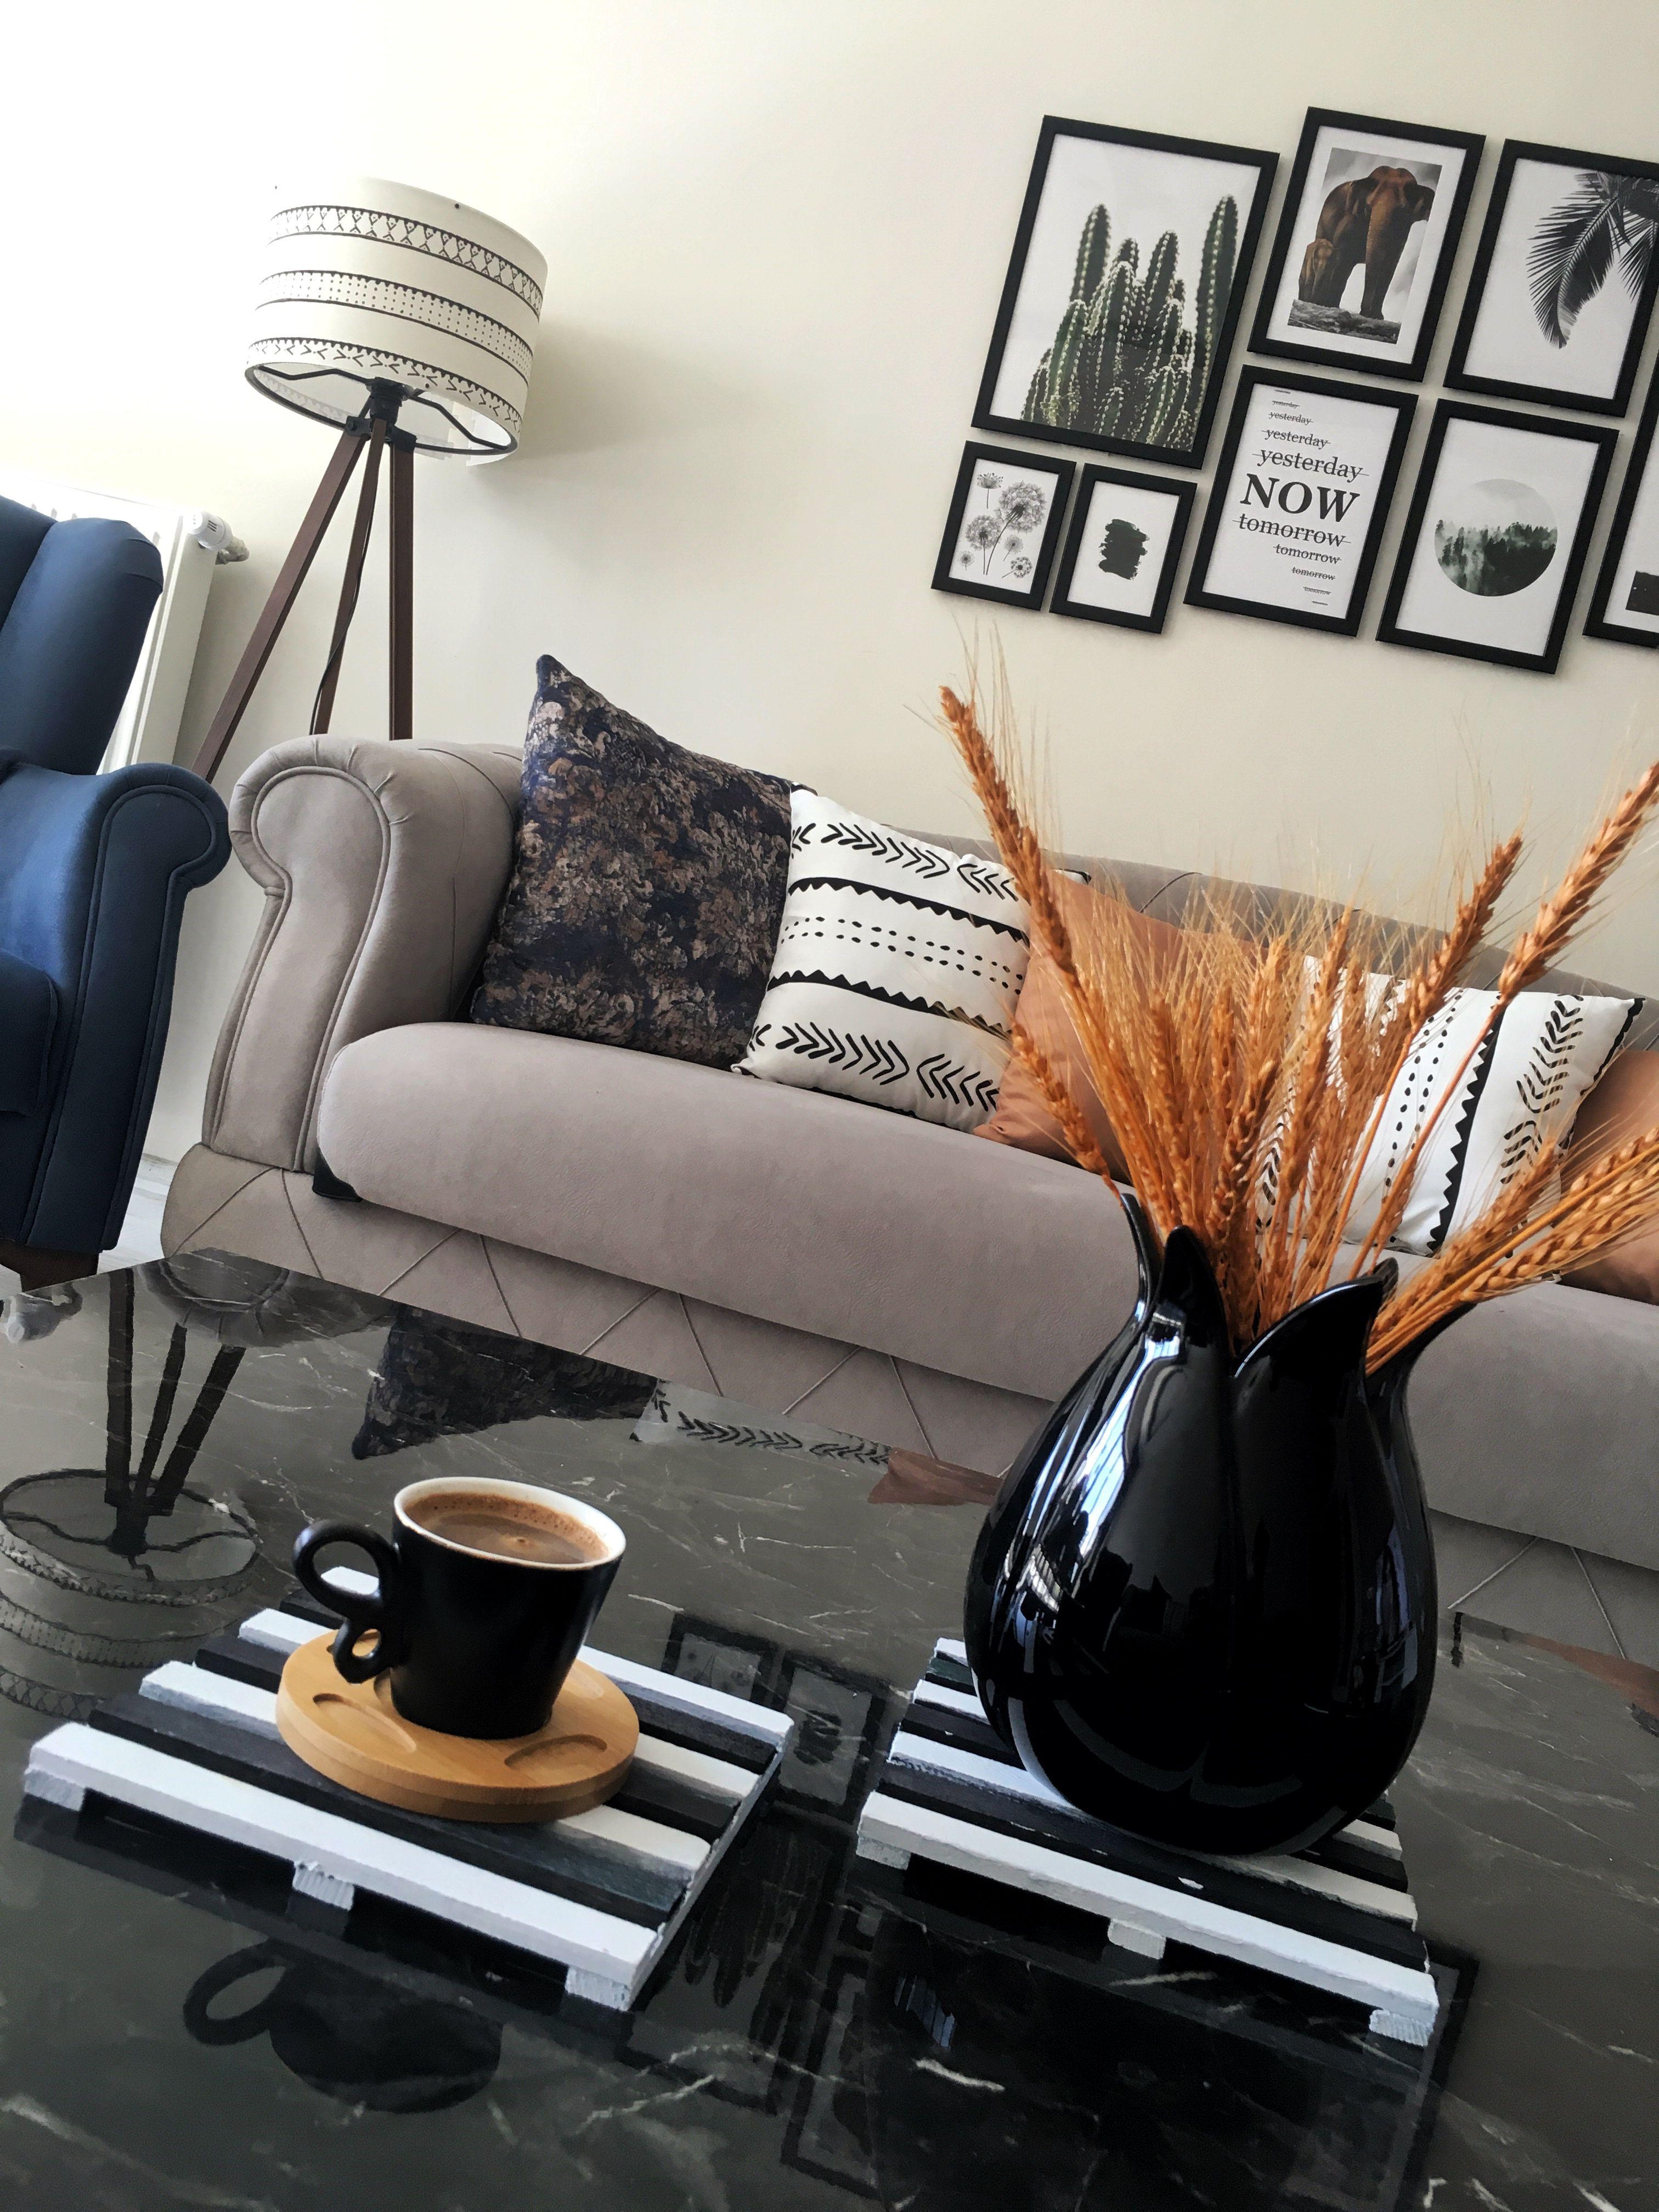 #design #düzen #oturmaodası #salon #siyahbeyaz #repost #dekarasyon #evdekoru #kahve